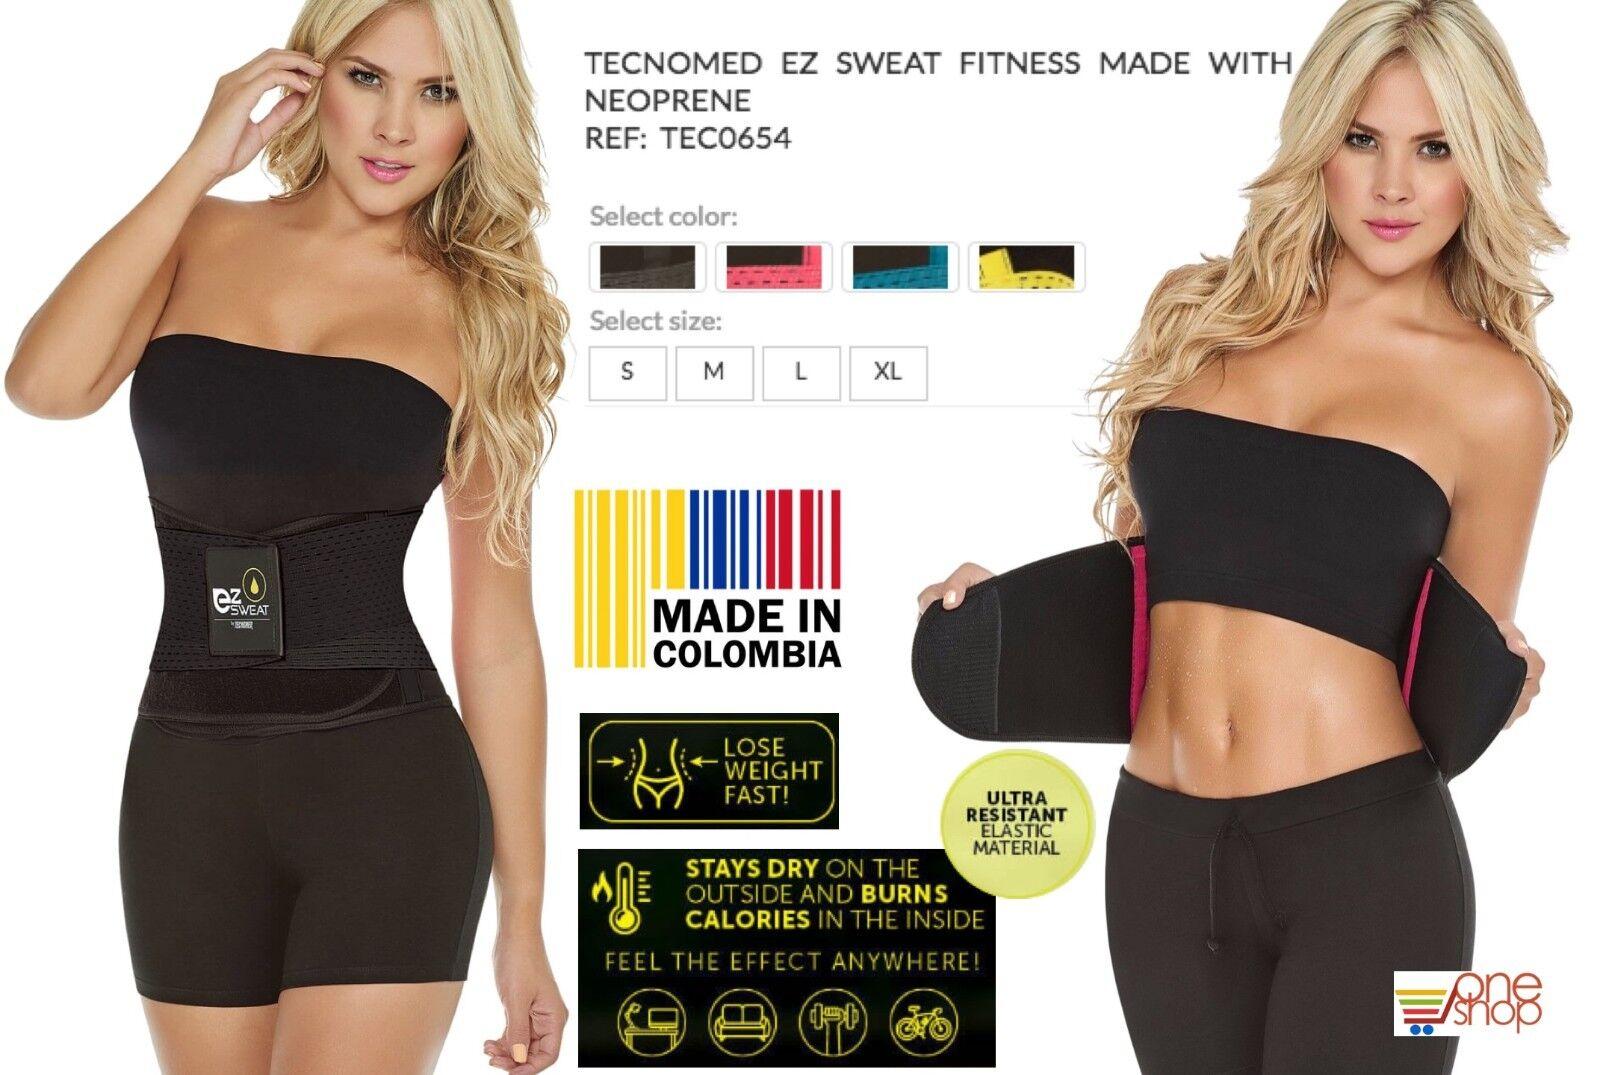 b550308f39c Купить Tecnomed Fitness Belt Body заказать с доставкой